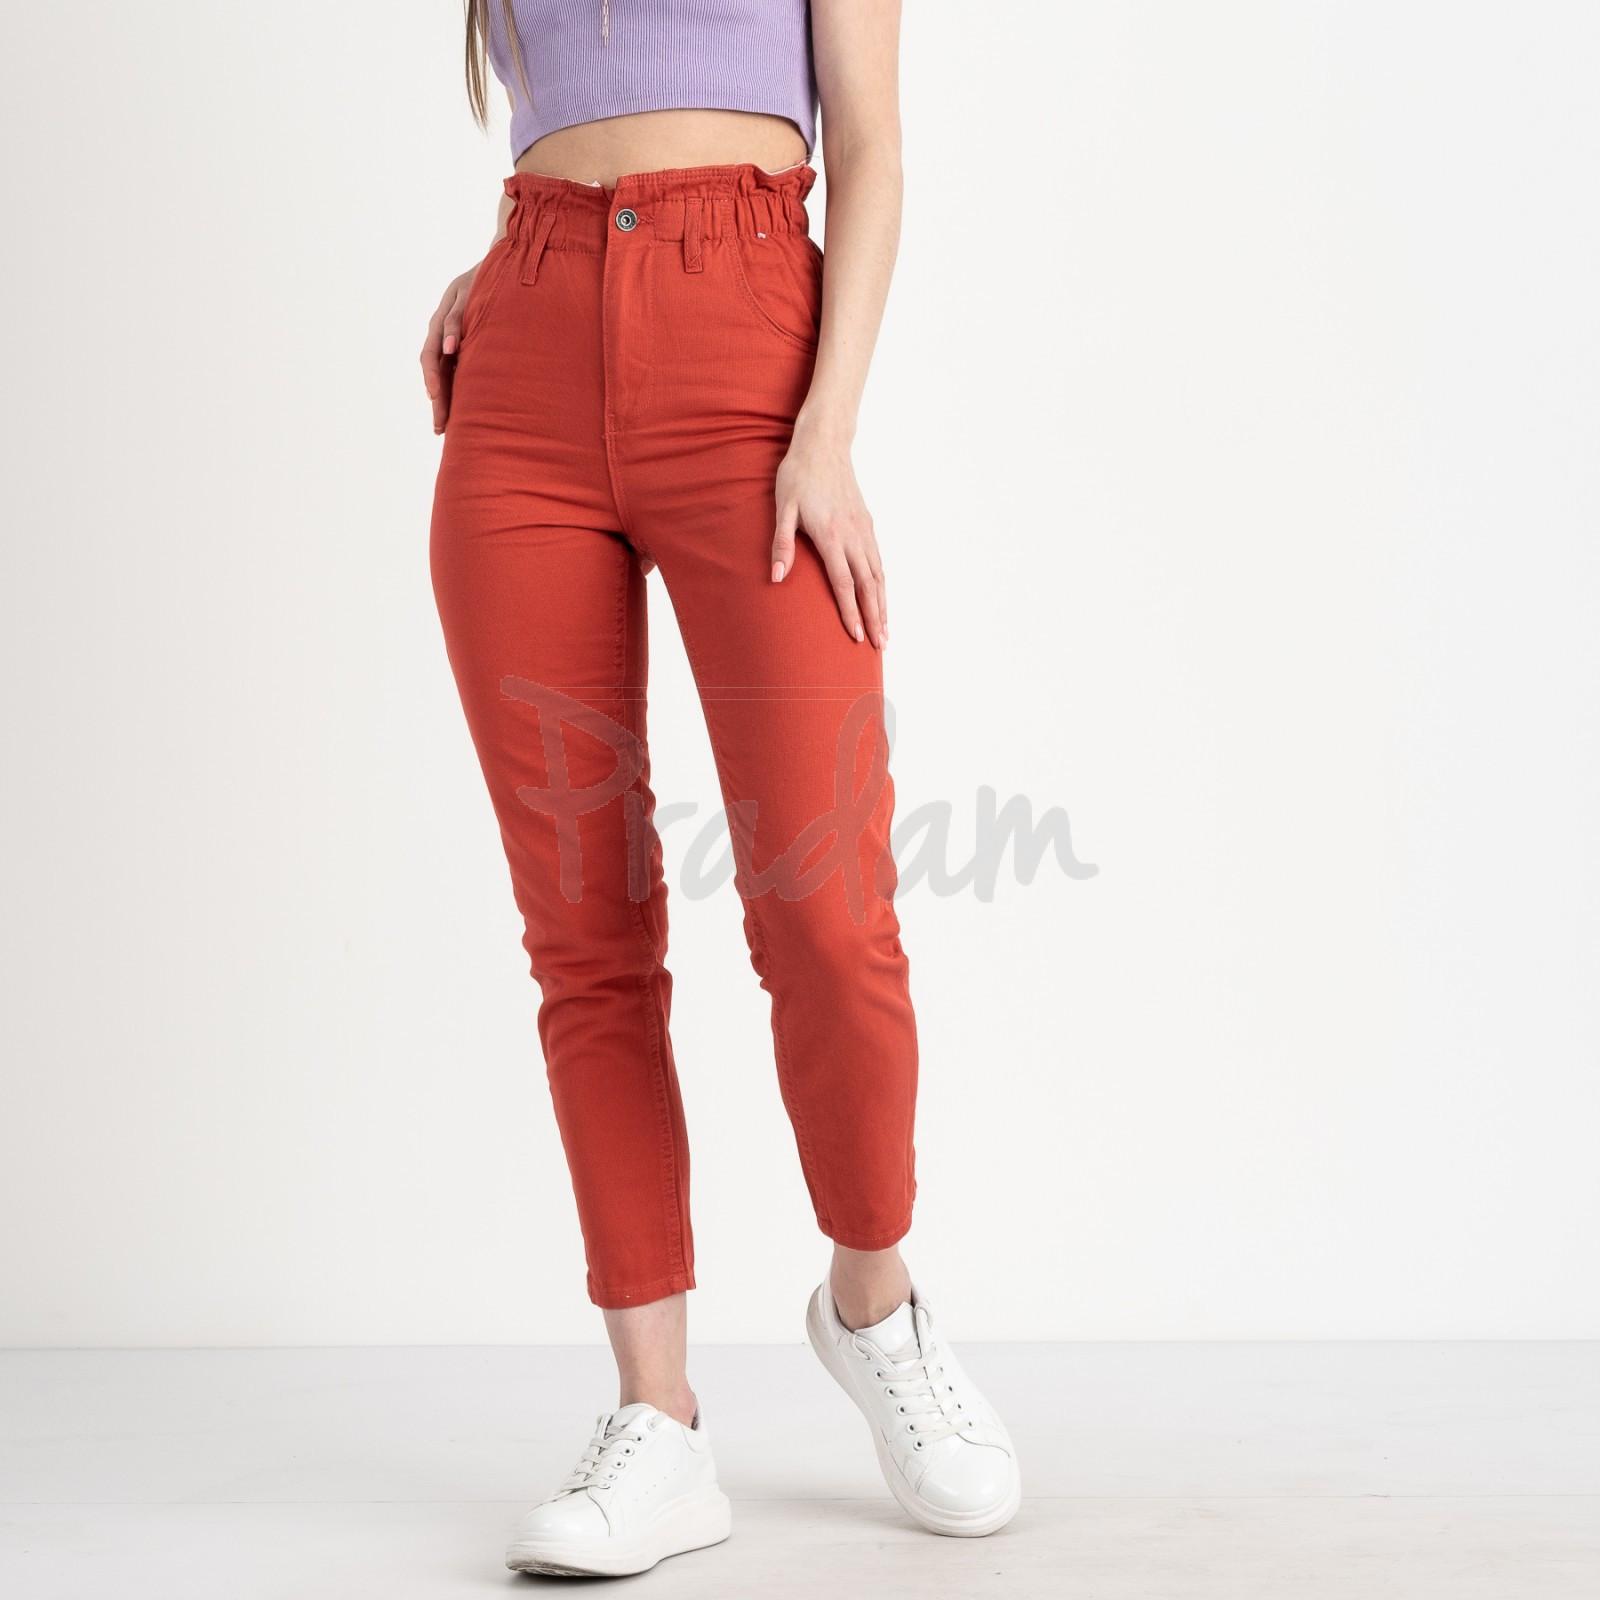 0284-3 Newourcer джинсы женские коралловые стрейчевые ( 6 ед. размеры: 26.27.28.29.30.31)